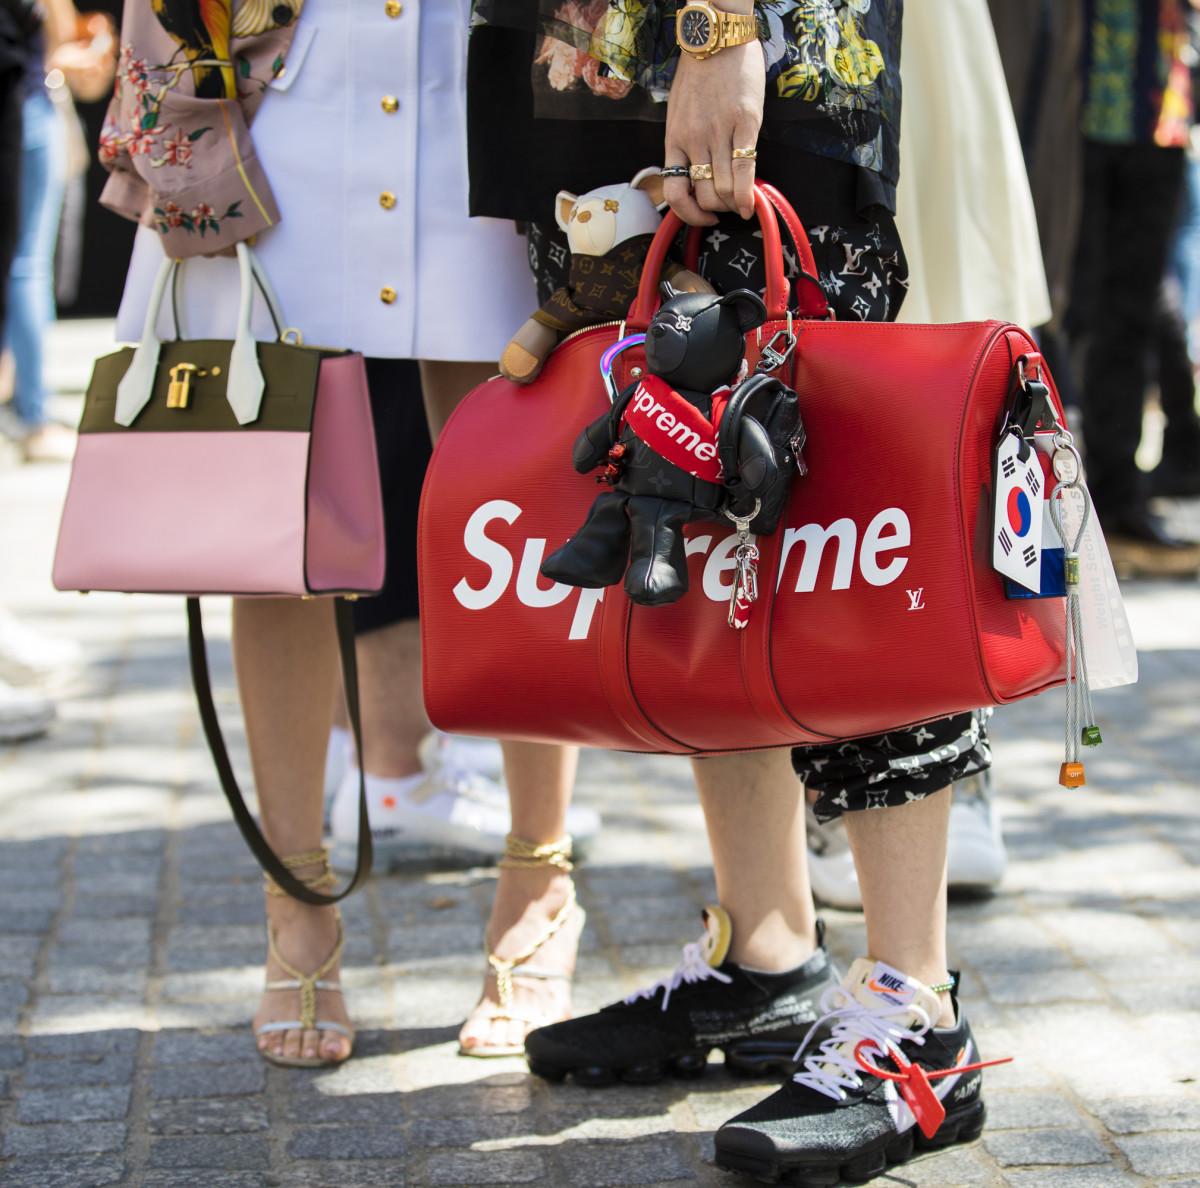 A Supreme x Louis Vuitton bag in Paris. Photo: Claudio Lavenia/Getty Images